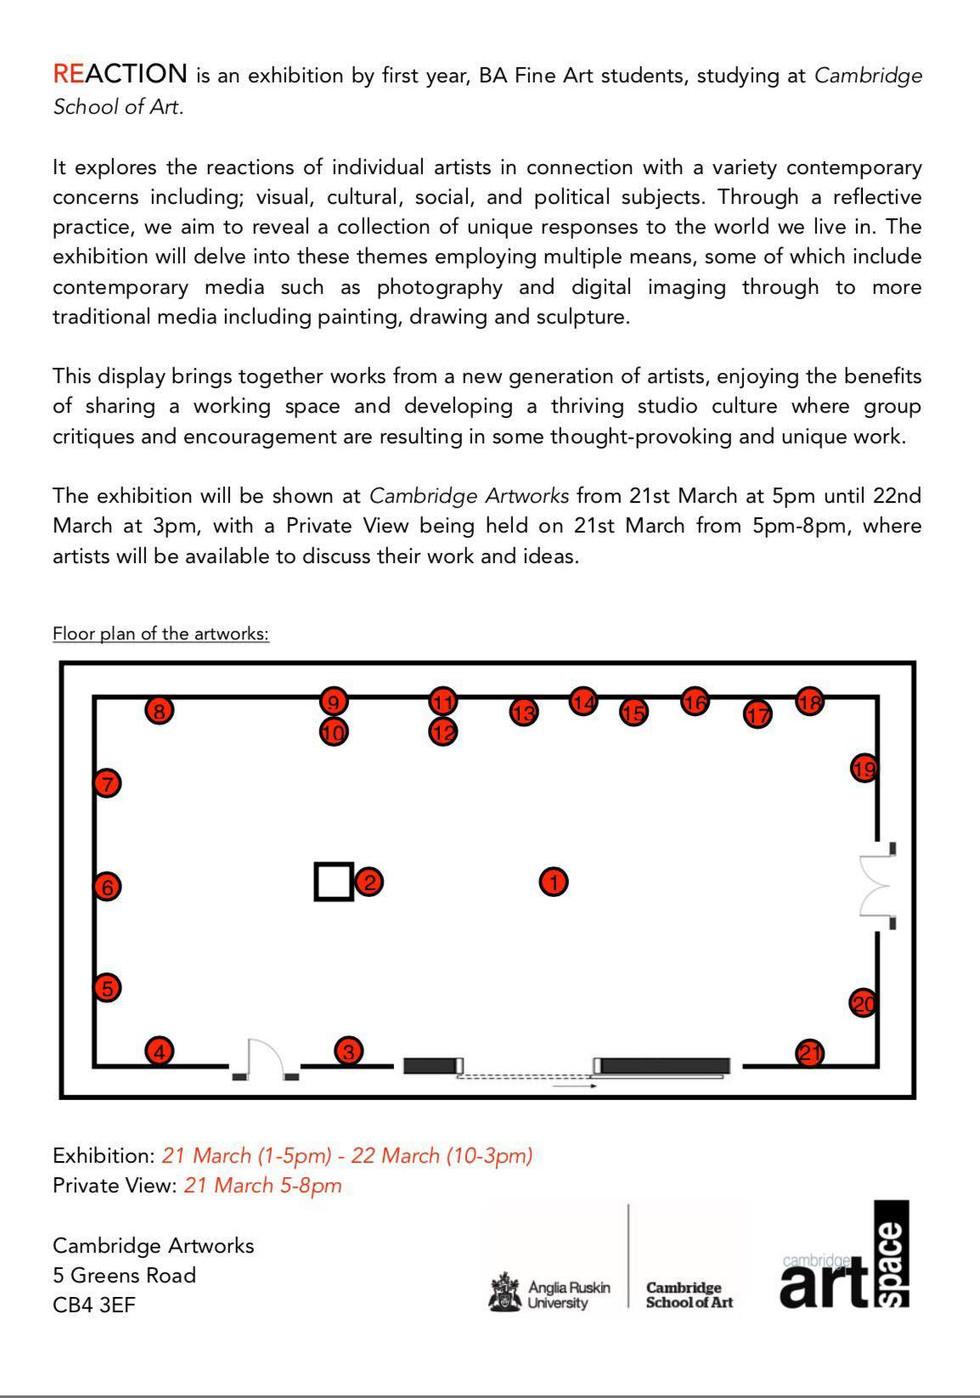 Press Release & Gallery Plan